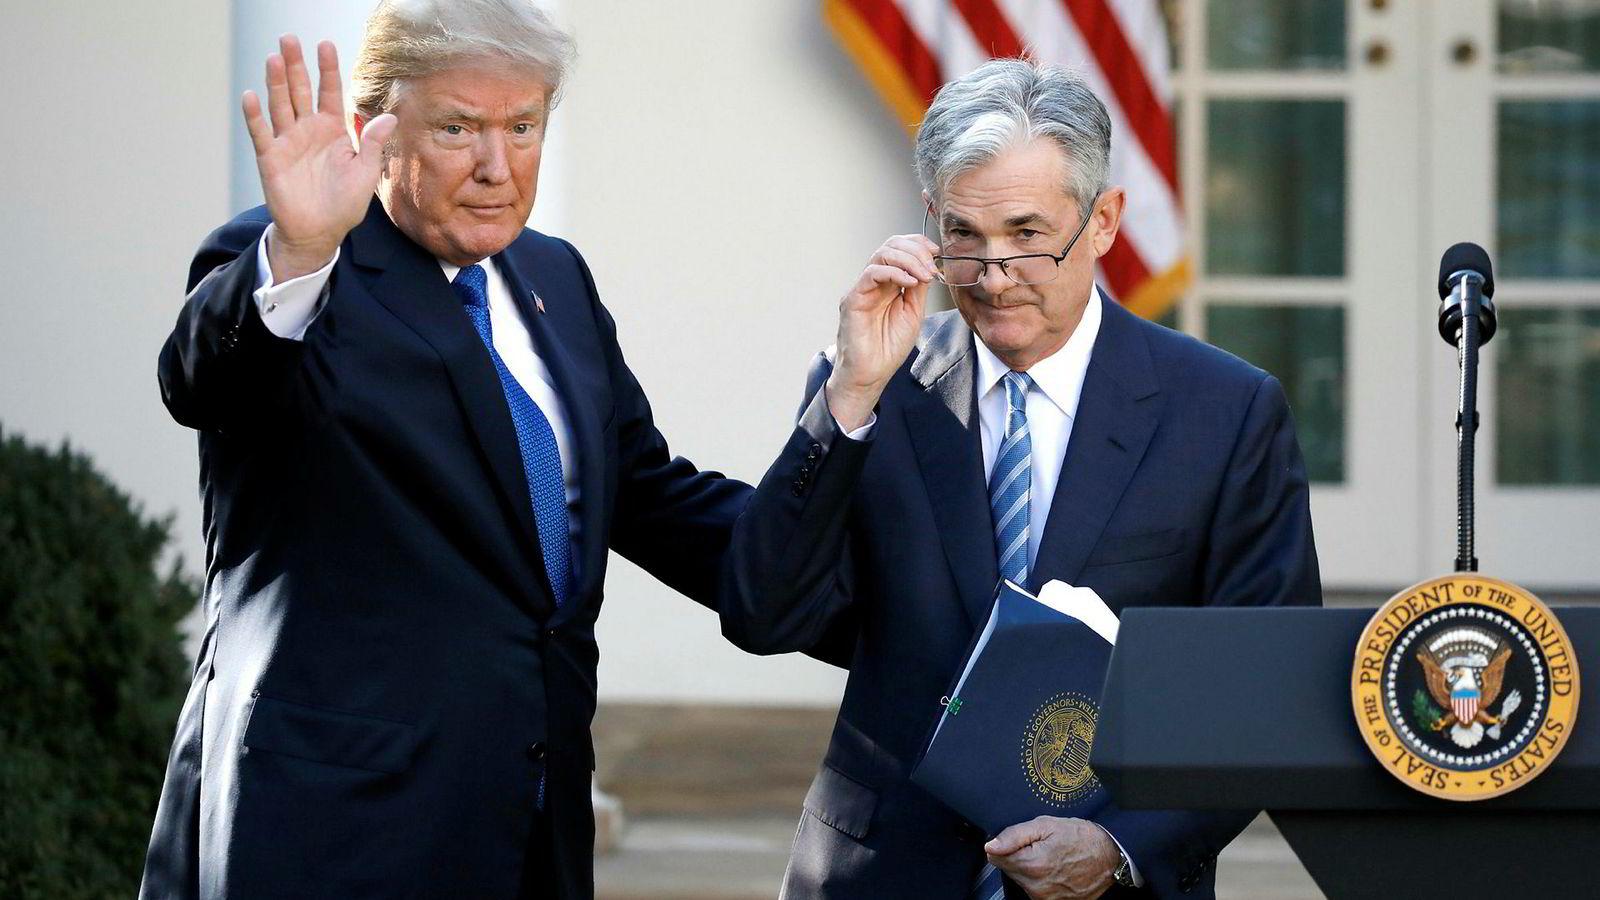 Fed-sjef Jerome Powell (t.h.) lar seg ikke vippe av pinnen v USA-president Donald Trump, som gjentatte ganger har kritisert Fed for å helle malurt i begeret ved antydninger til høyere amerikanske renter.